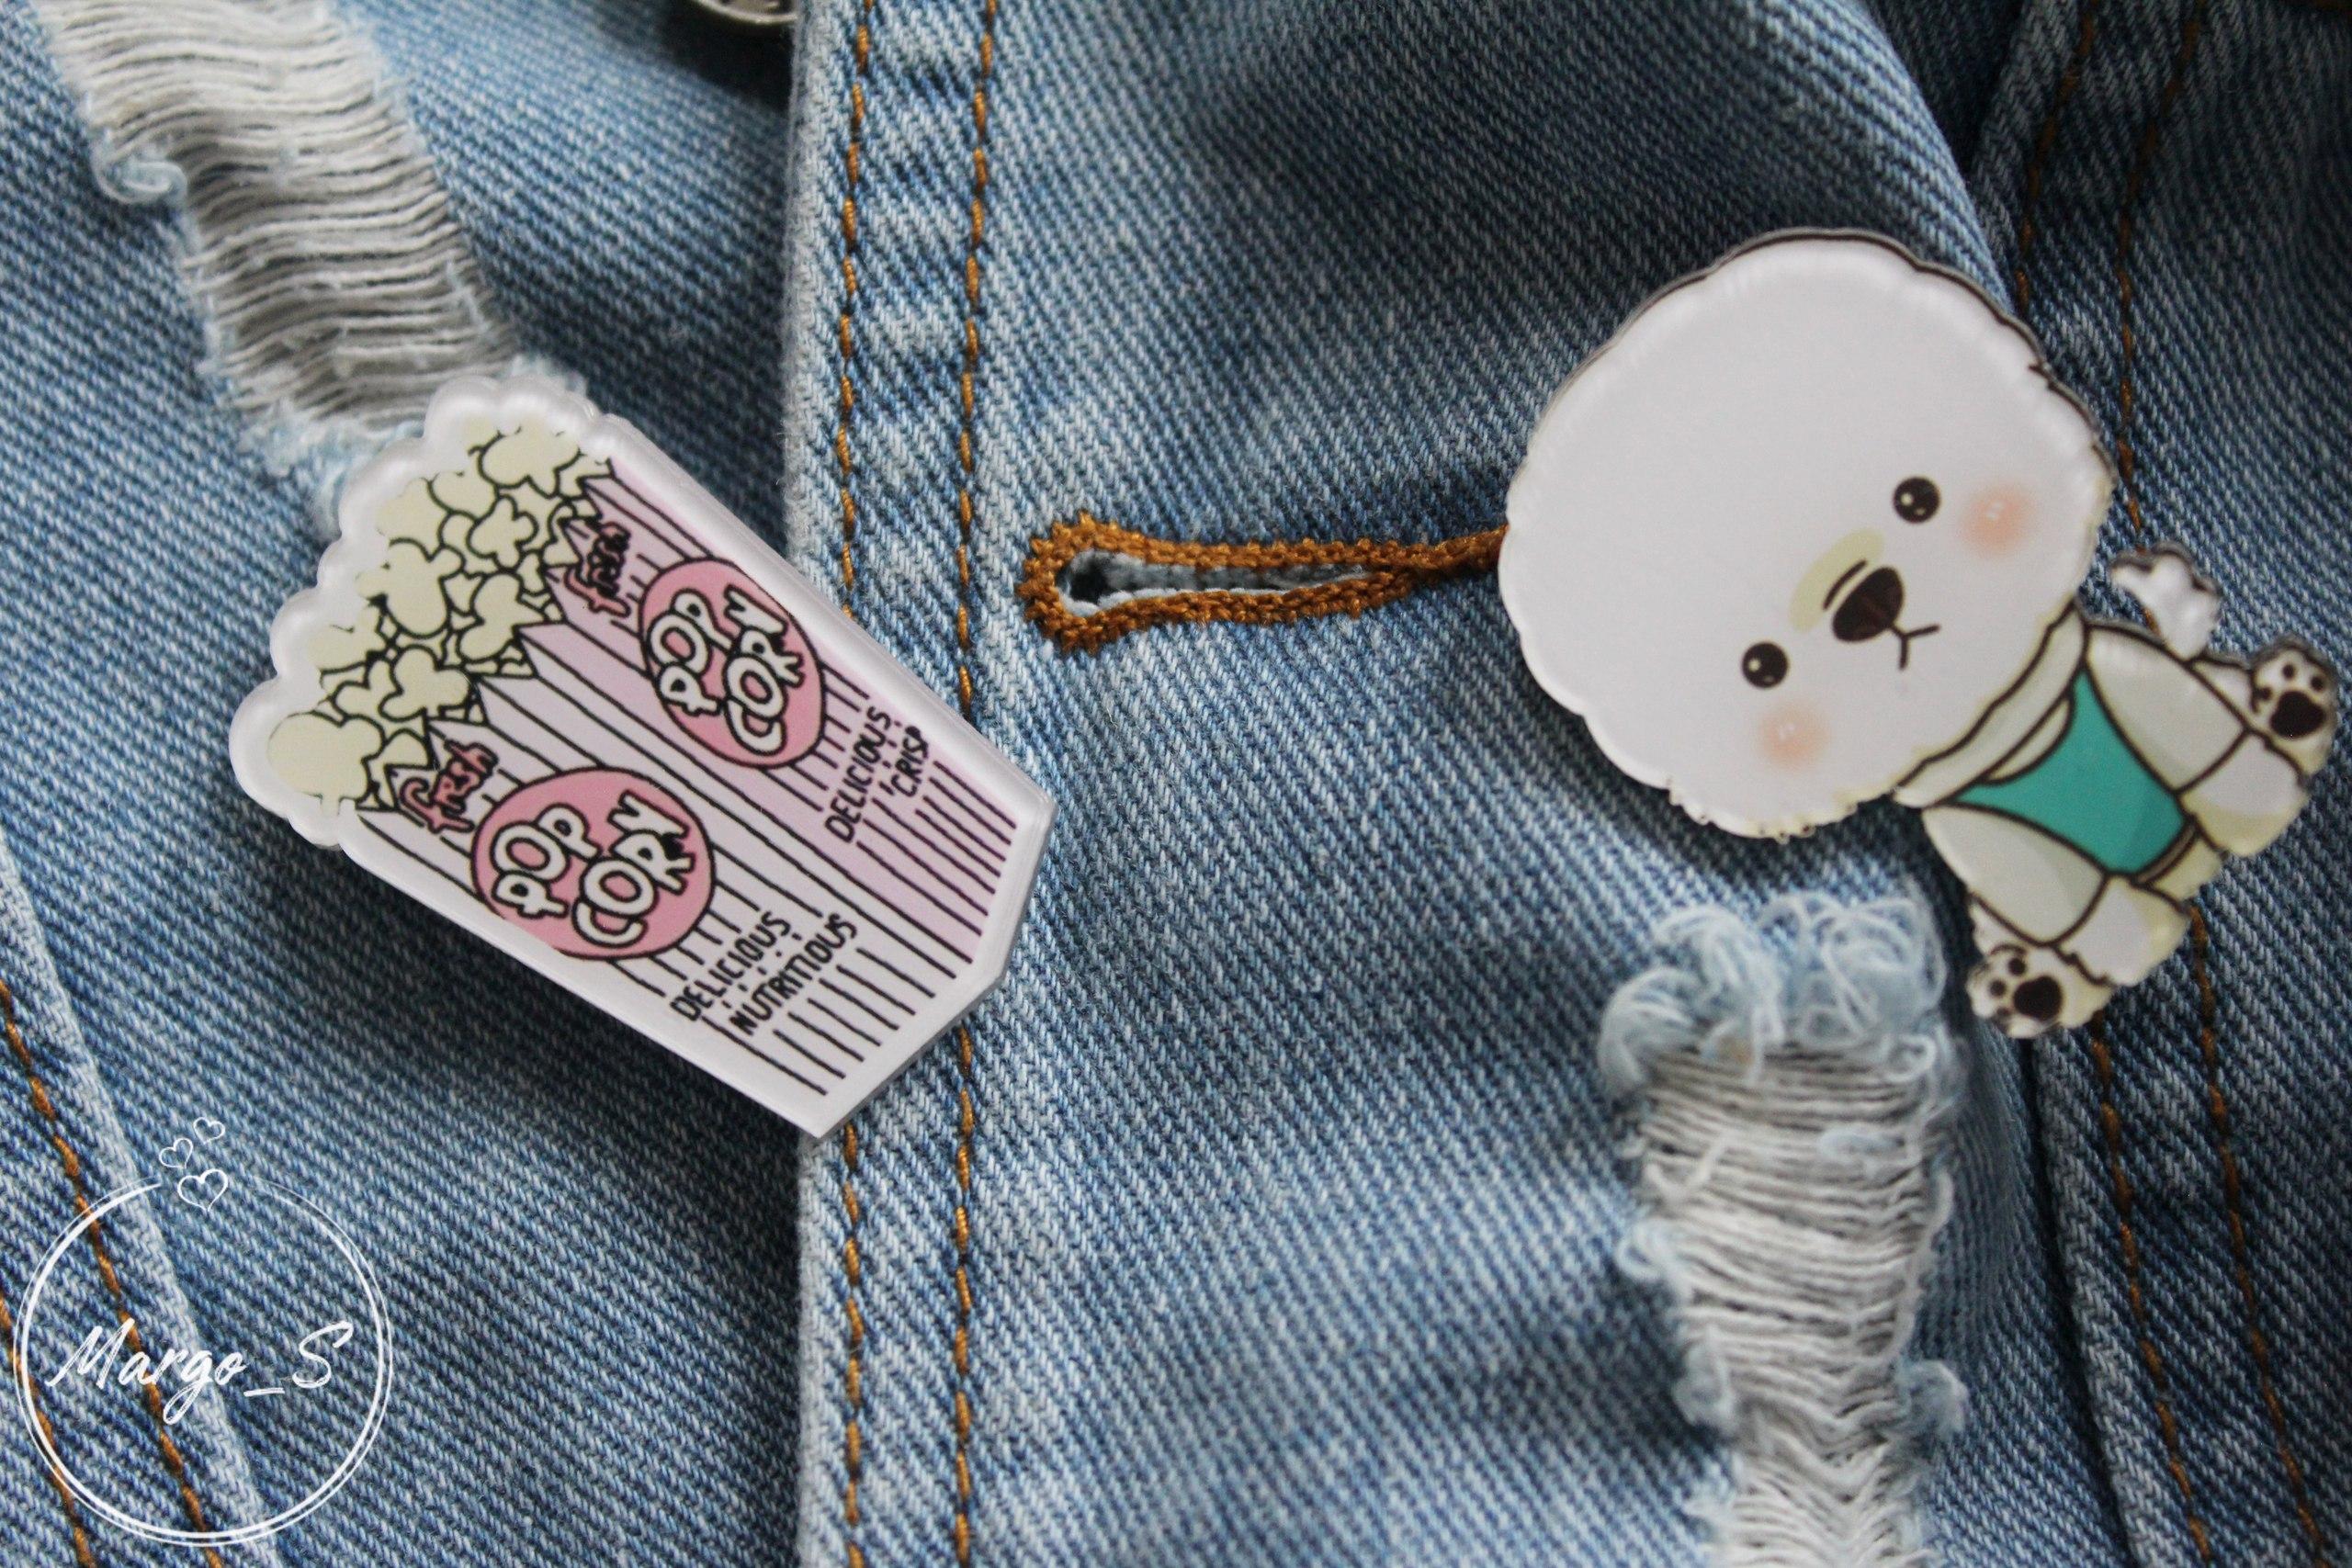 Двойной обзор на вещи из FKZ Store Джинсовка с потертостями и значками 1400 руб и белая футболка с надписью Vogue 450 ру